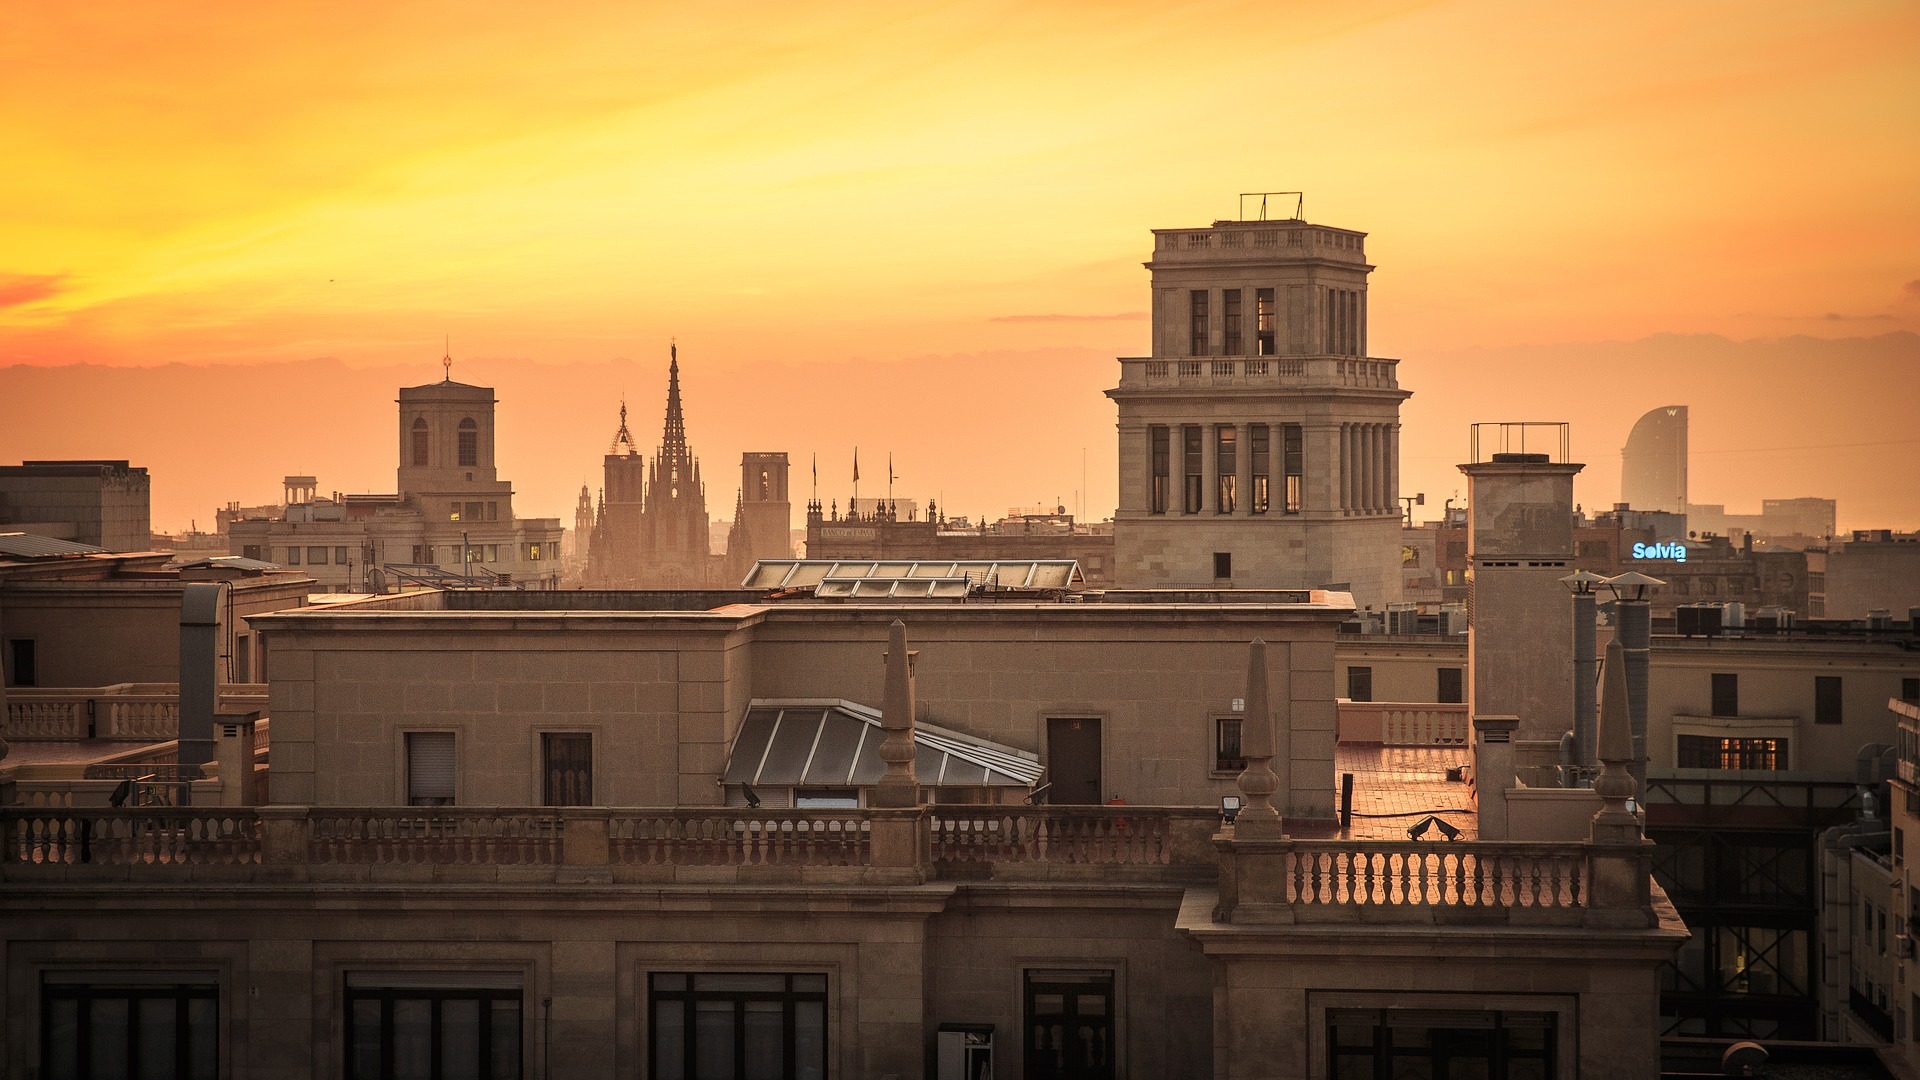 barcelona-city-scape-sunset